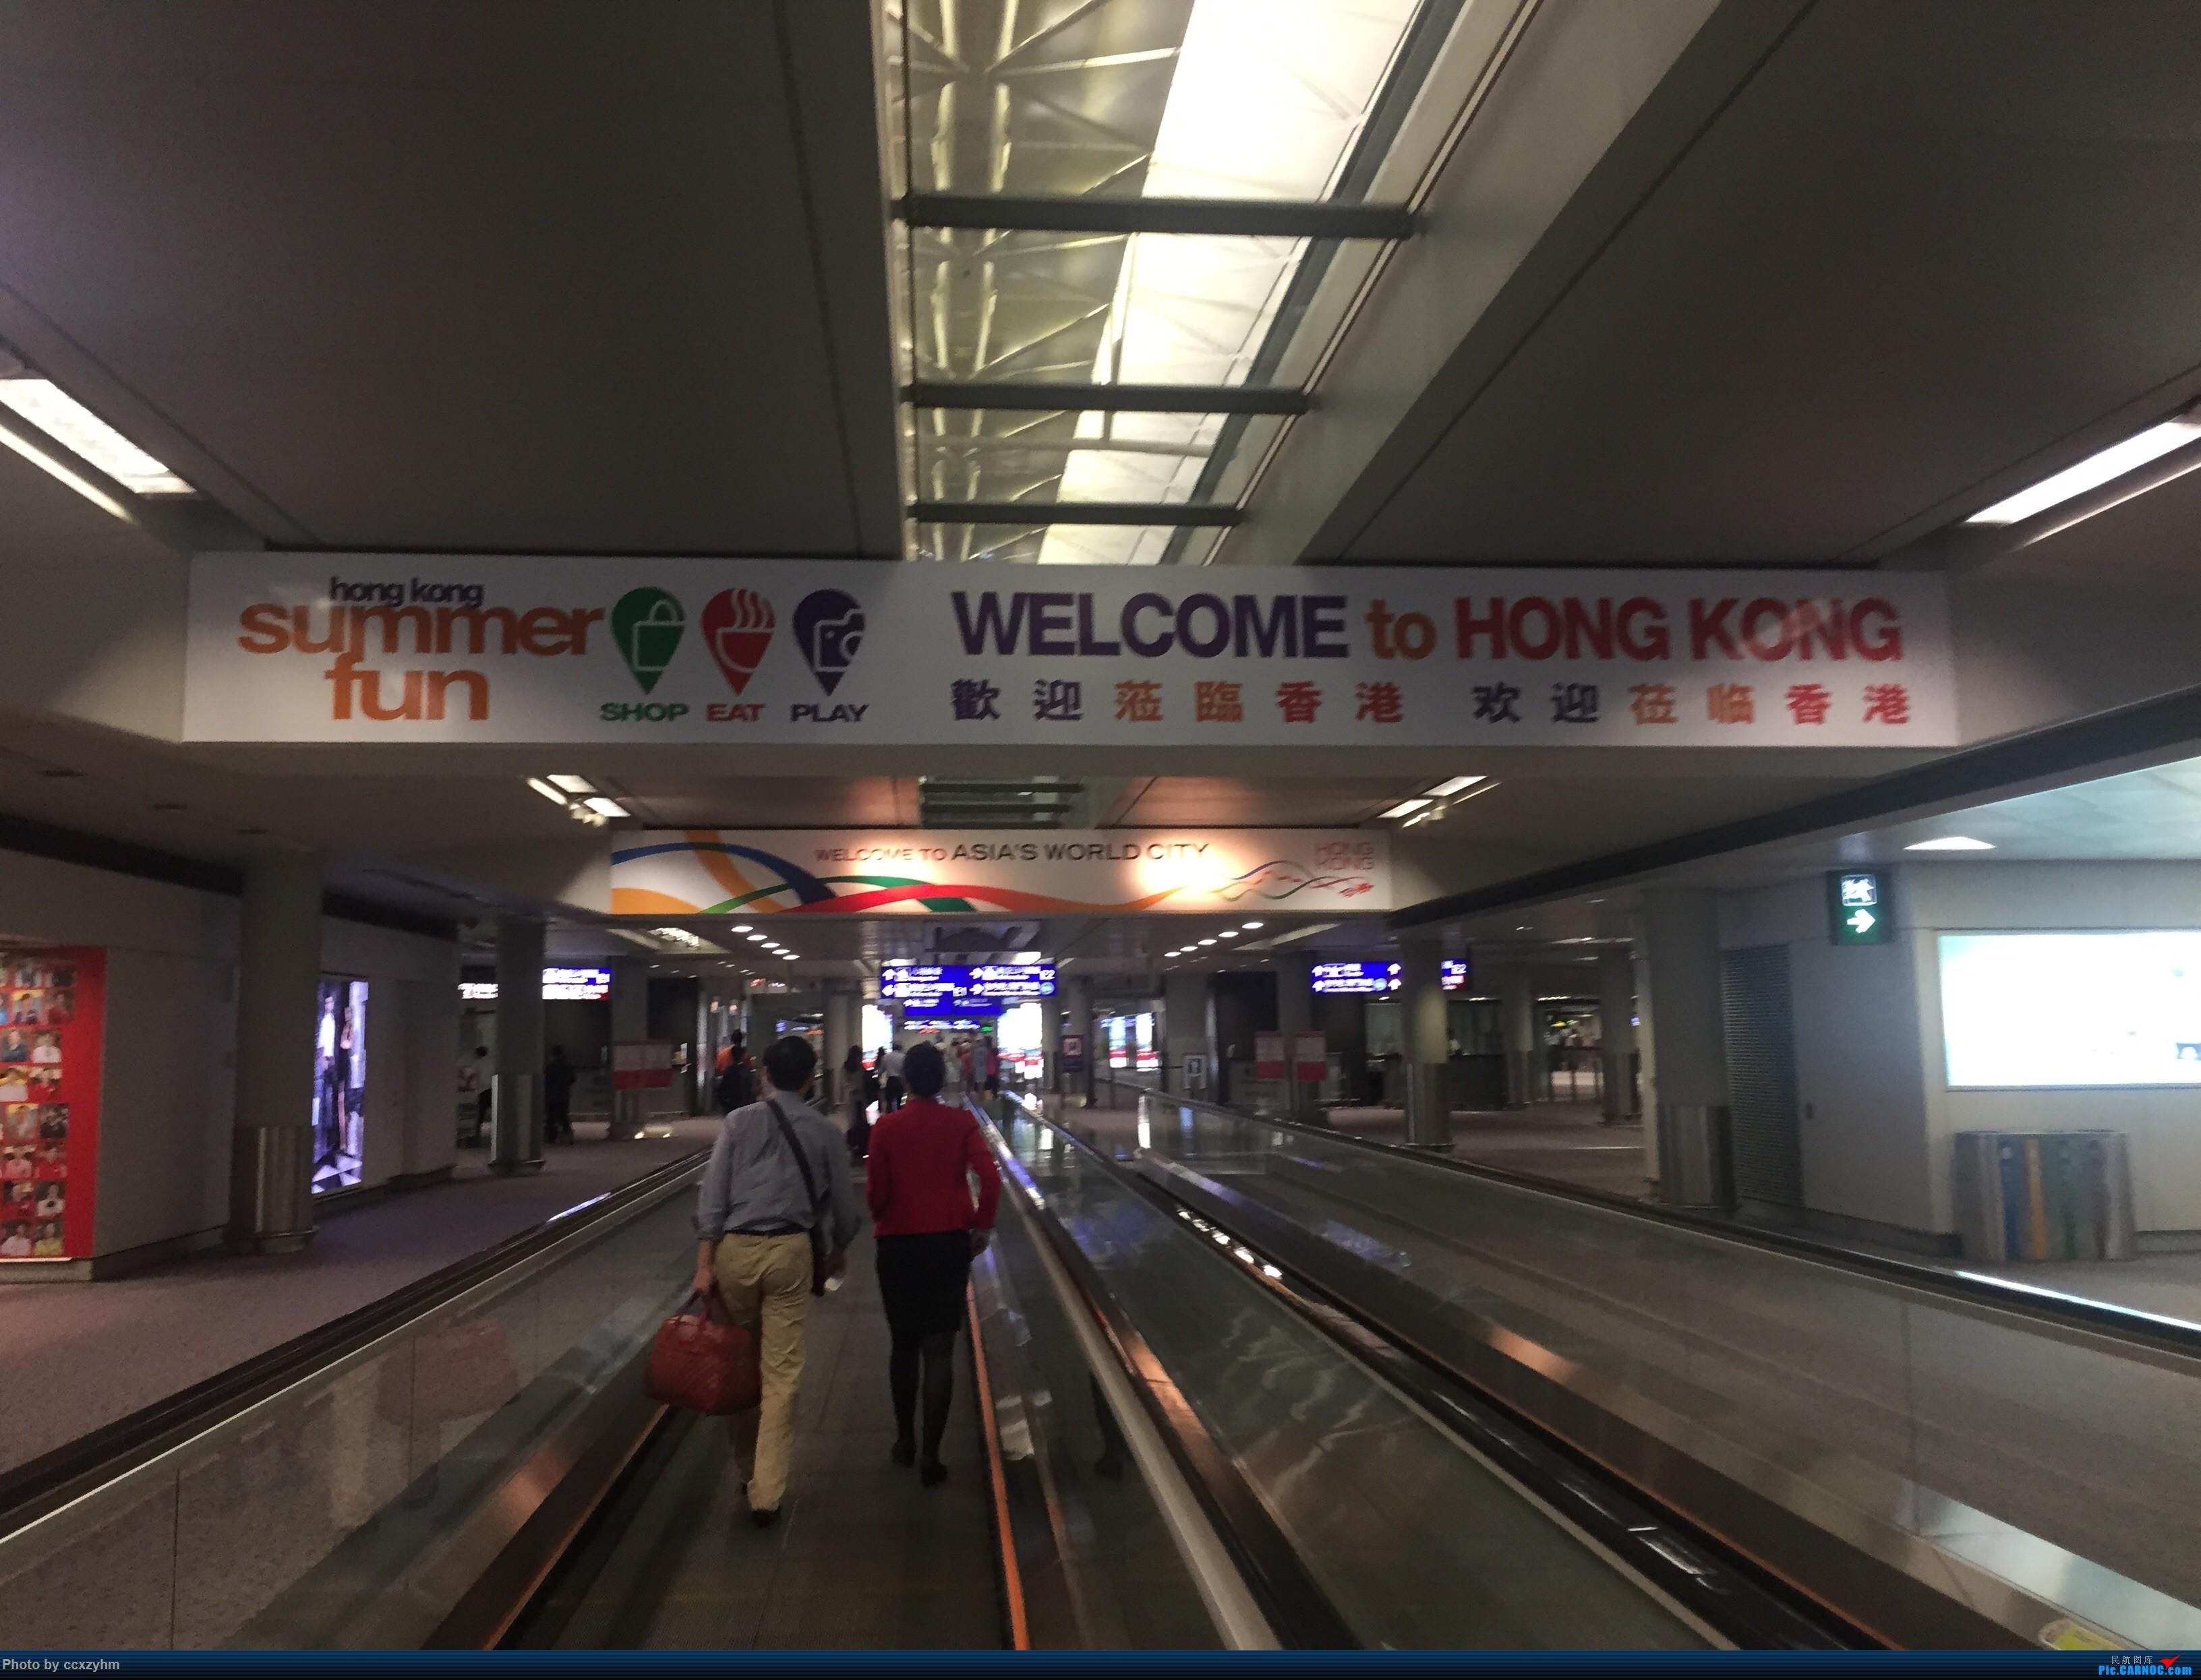 Re:[原创]PEK-HKG-SIN 港龙+国泰 KA+CX 暑假游坡县    中国香港赤鱲角国际机场